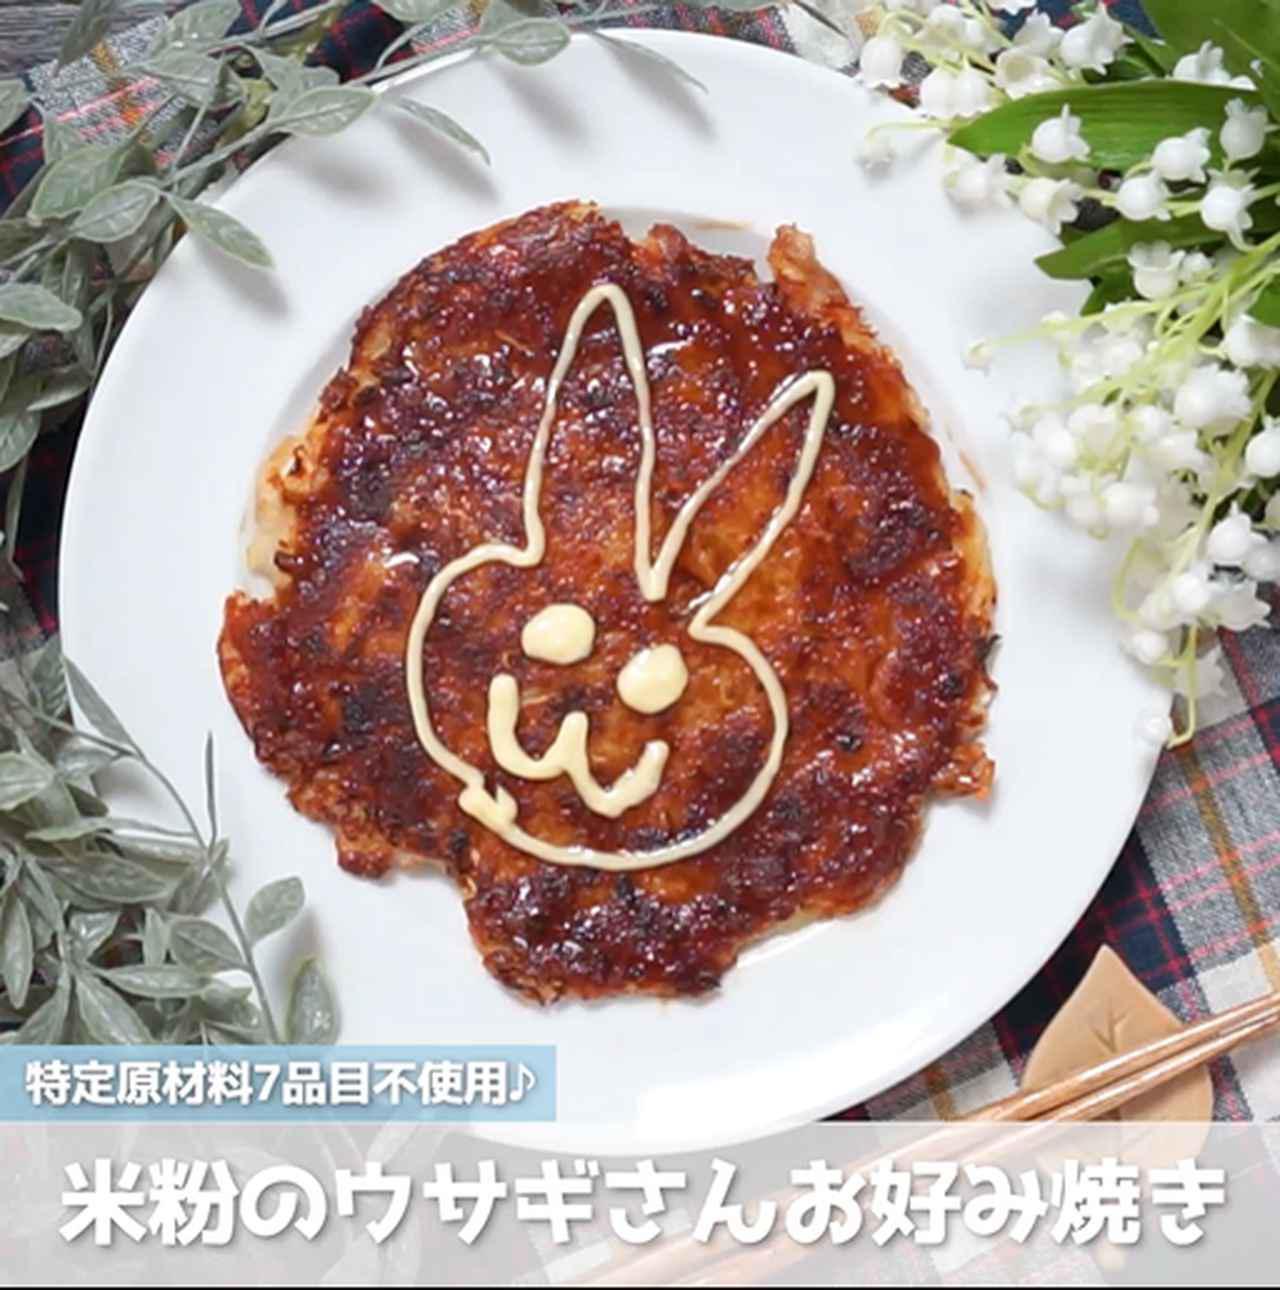 画像: 【相模原病院管理栄養士 朴先生のコメントつき】米粉でお好み焼きを作る時、加えるべき食材はアレなんです!米粉のウサギさんお好み焼き - 君とごはん